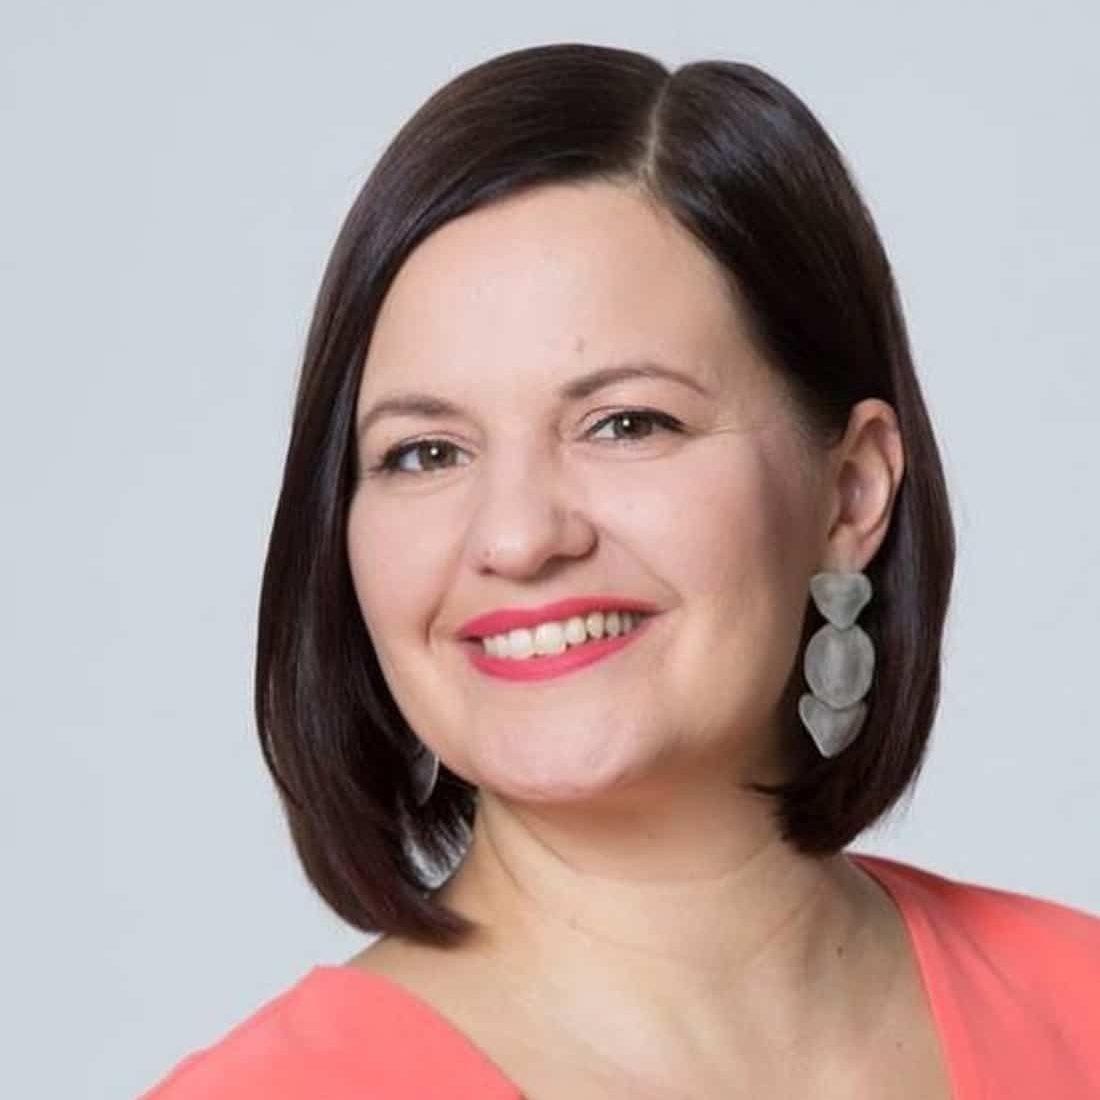 Turun kaupunginvaltuuston puheenjohtaja Elina Rantanen (vihr.). Kuva: Elina Rantanen/Instagram